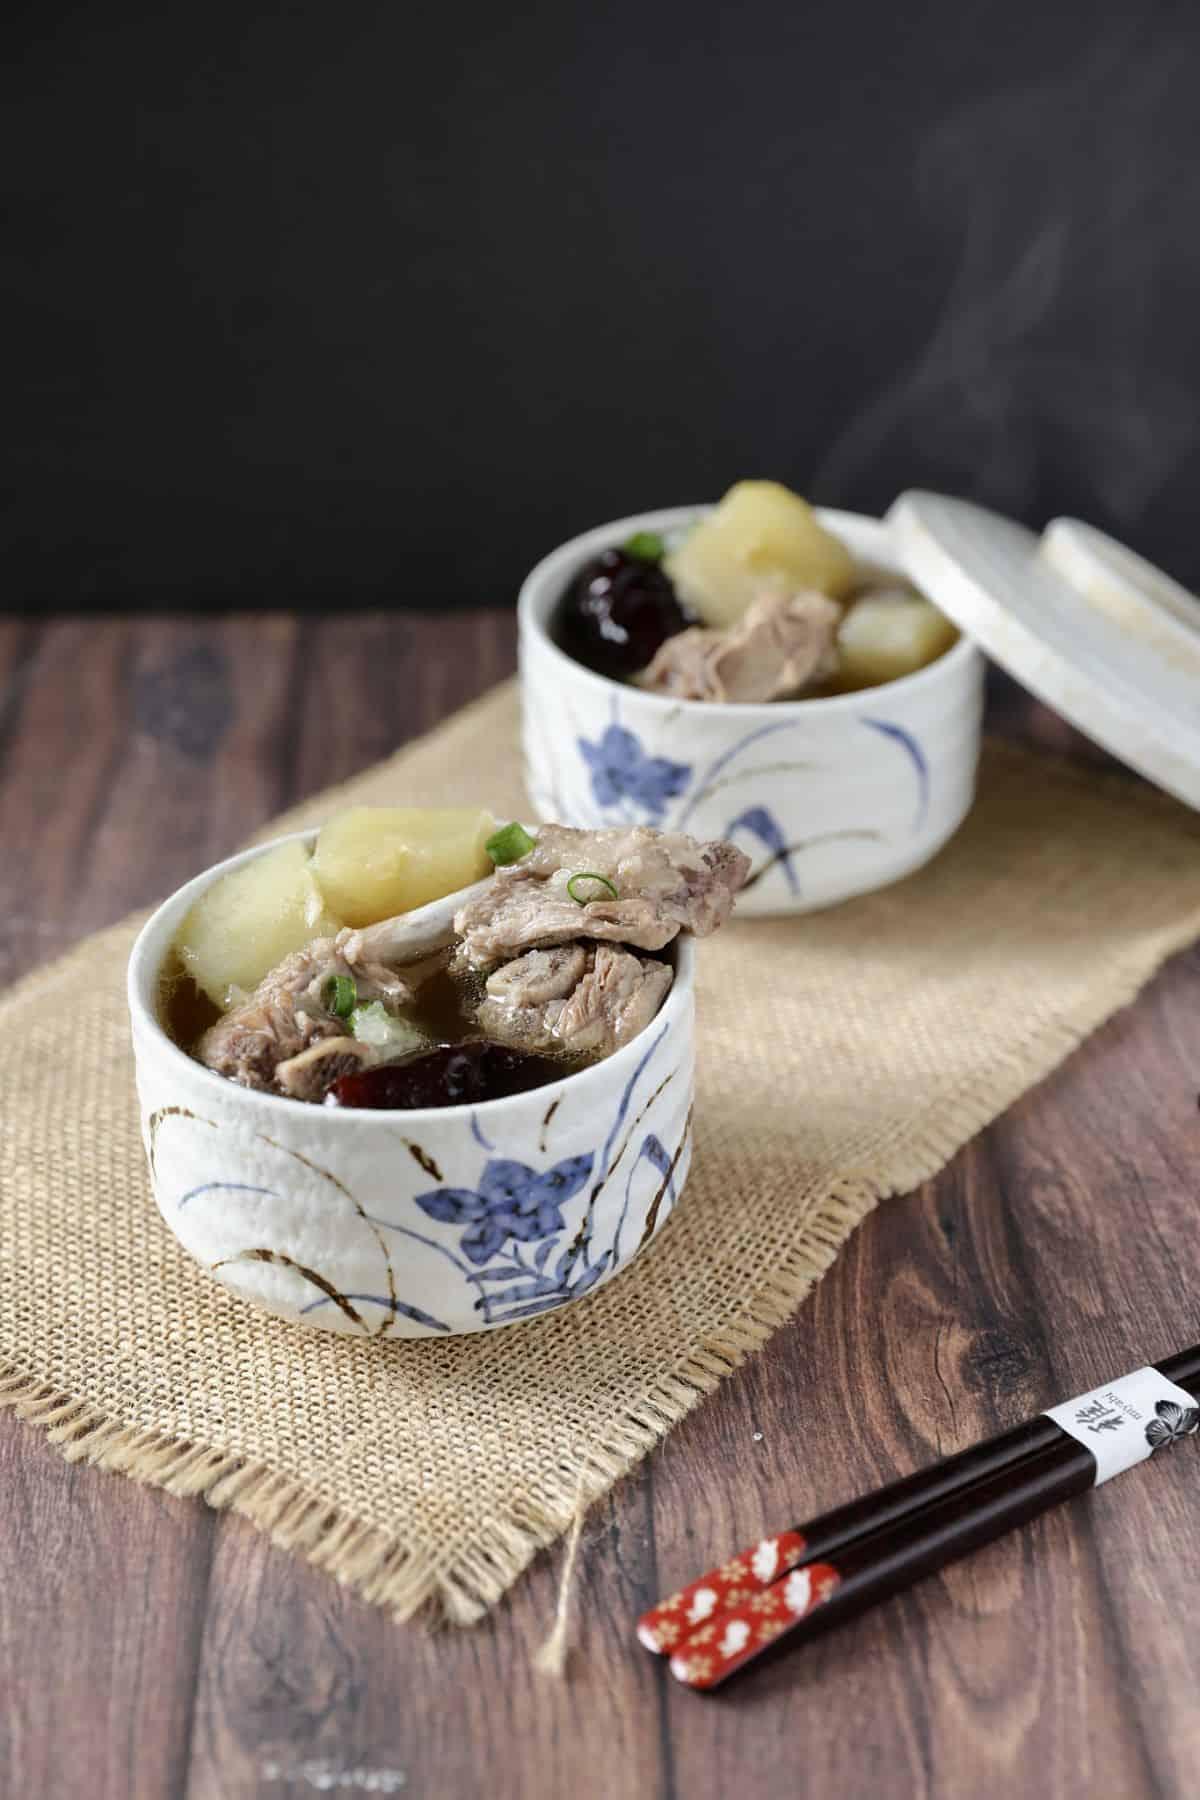 青木瓜排骨湯 -滋補養生發奶湯-Instant Pot壓力鍋食譜